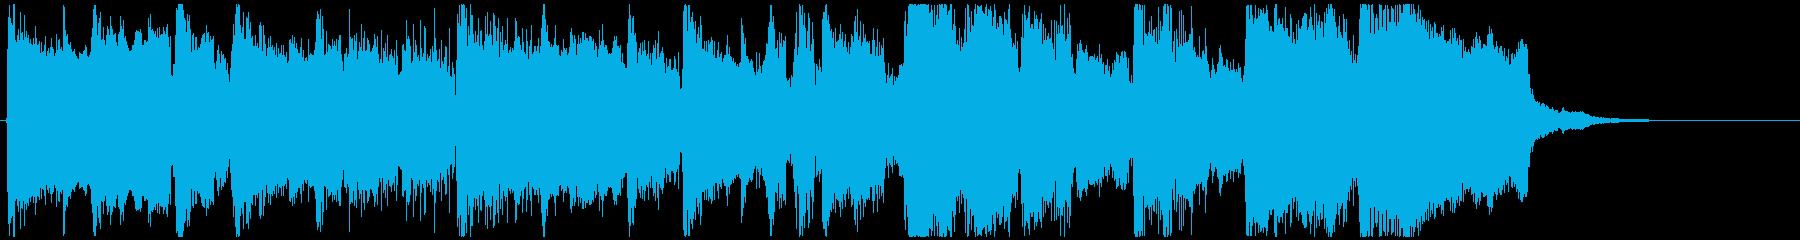 ブリキな雰囲気のトイ楽器ジングル◆15秒の再生済みの波形